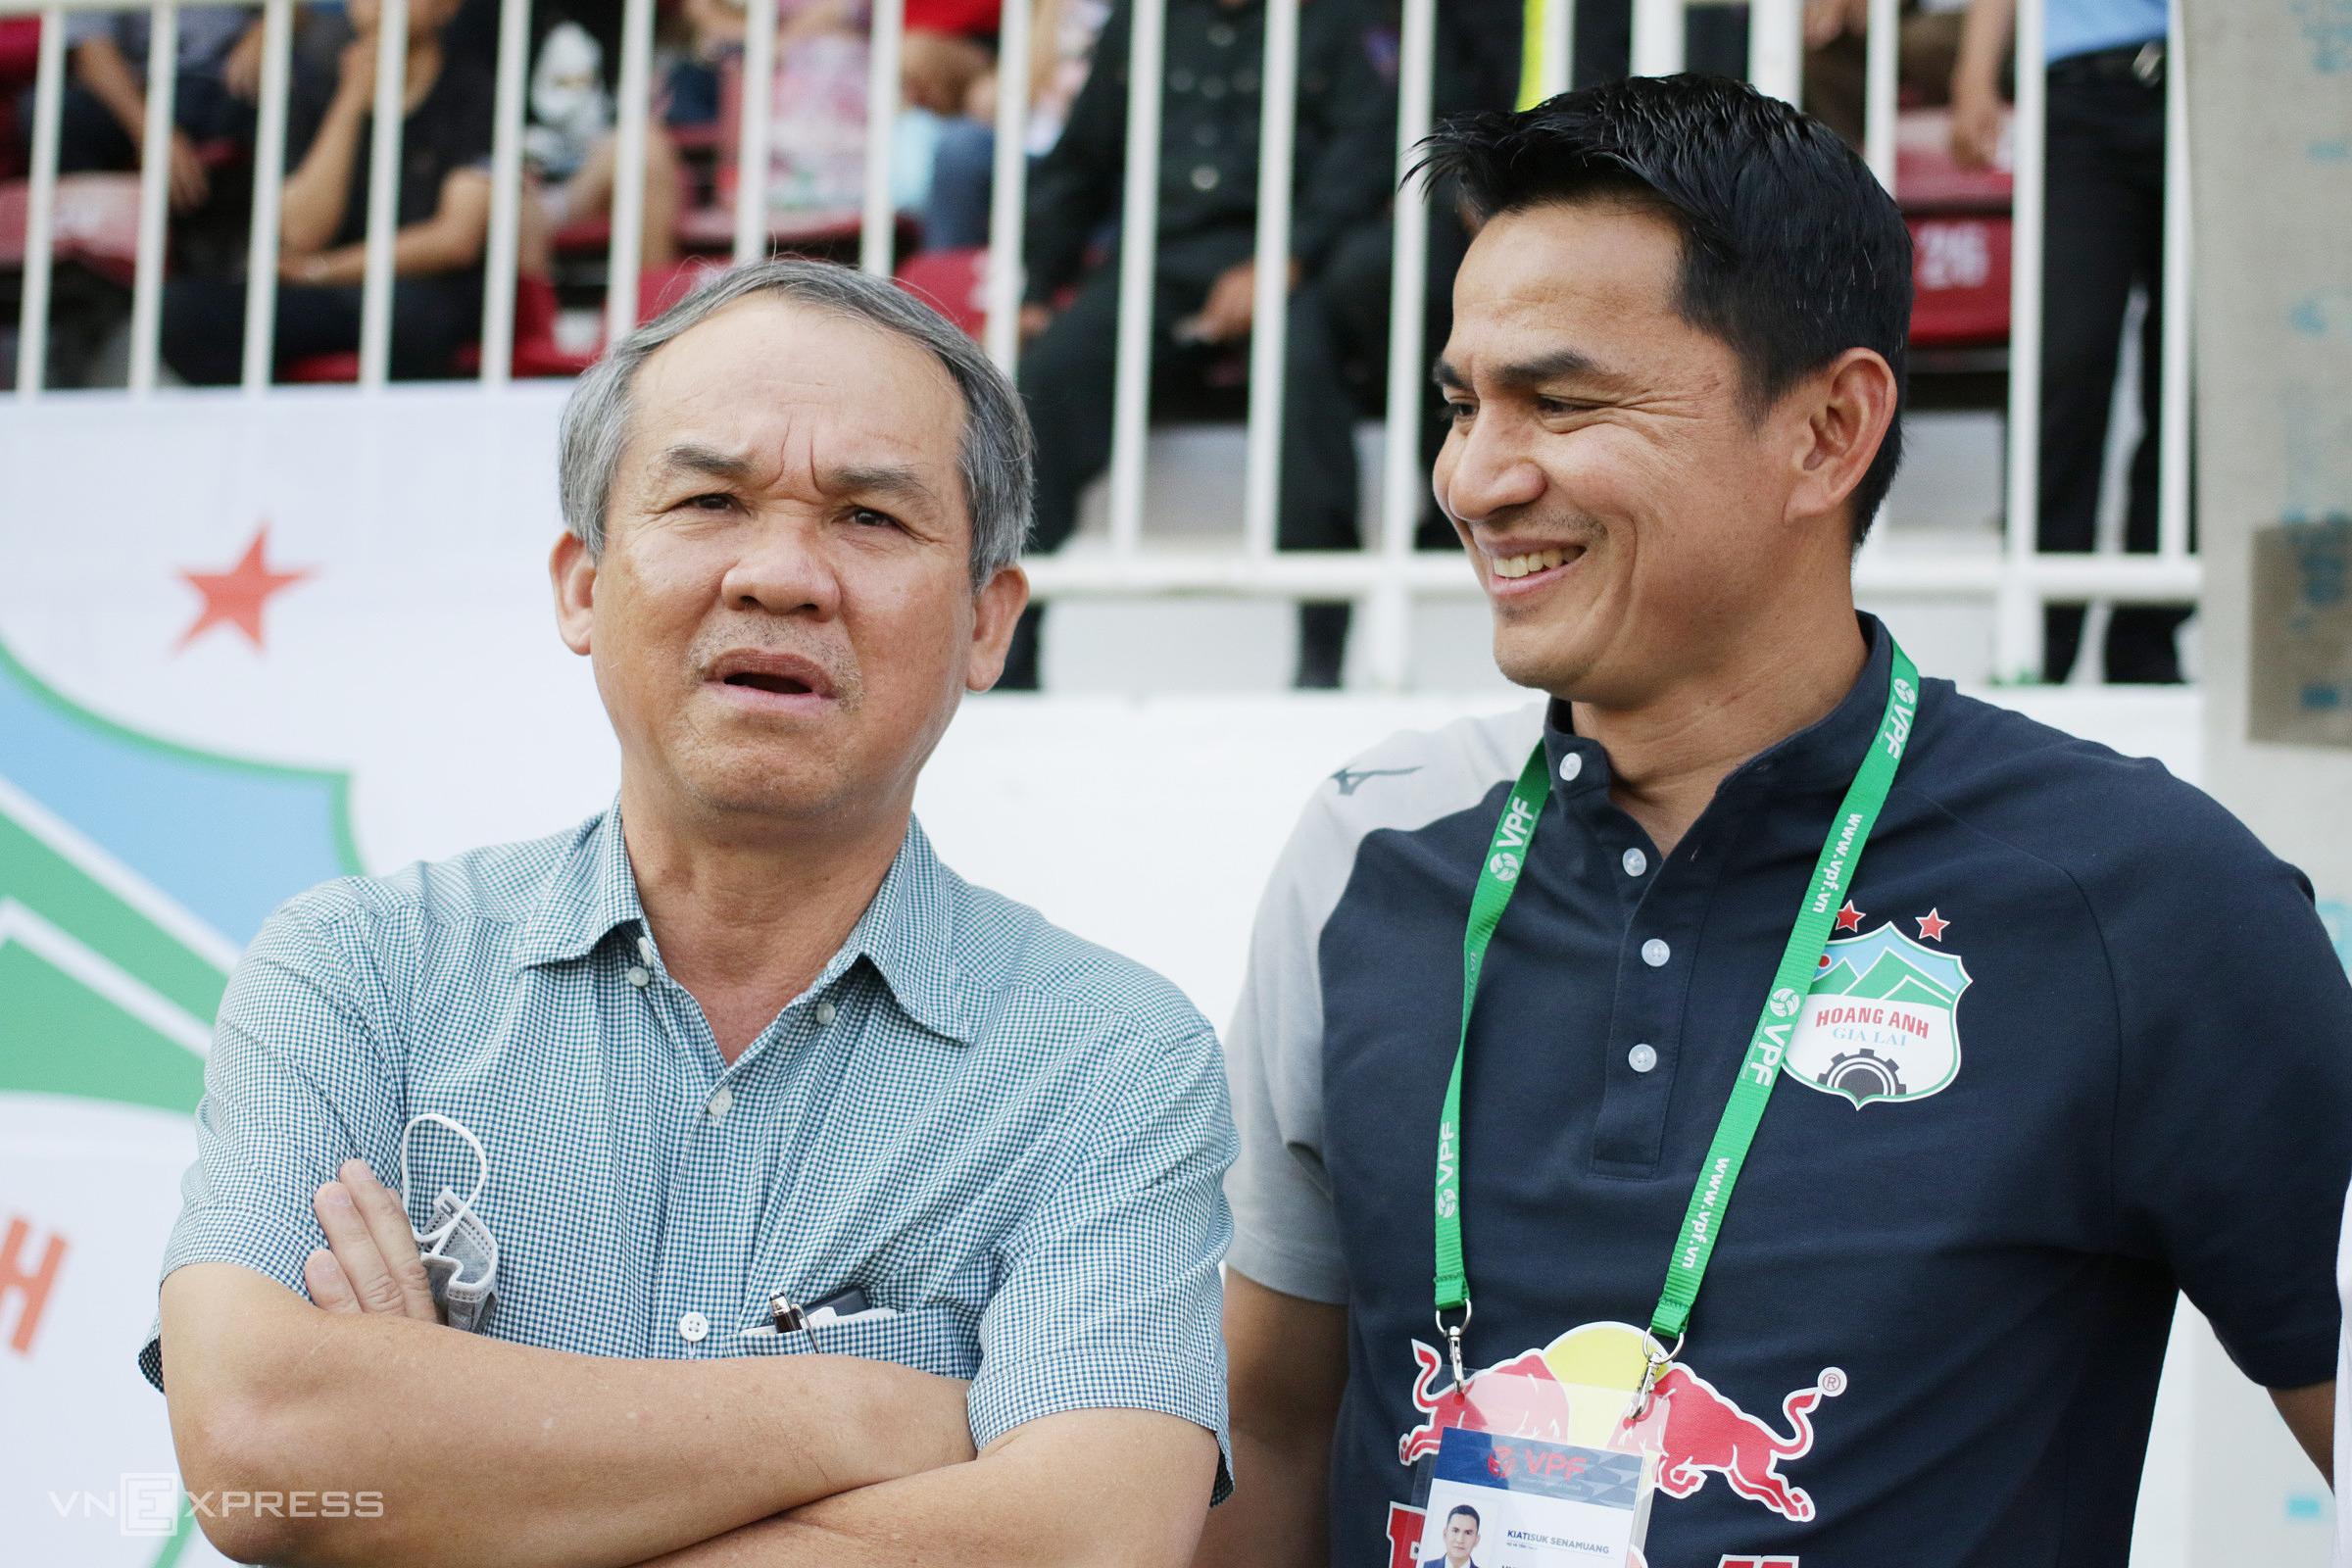 HLV Kiatisuk Senamaung sẽ tiếp tục đồng hành cùng bầu Đức để giúp đội bóng phố núi chinh chiến ở V-League và đấu trường châu Á 2022. Ảnh: Đức Đồng